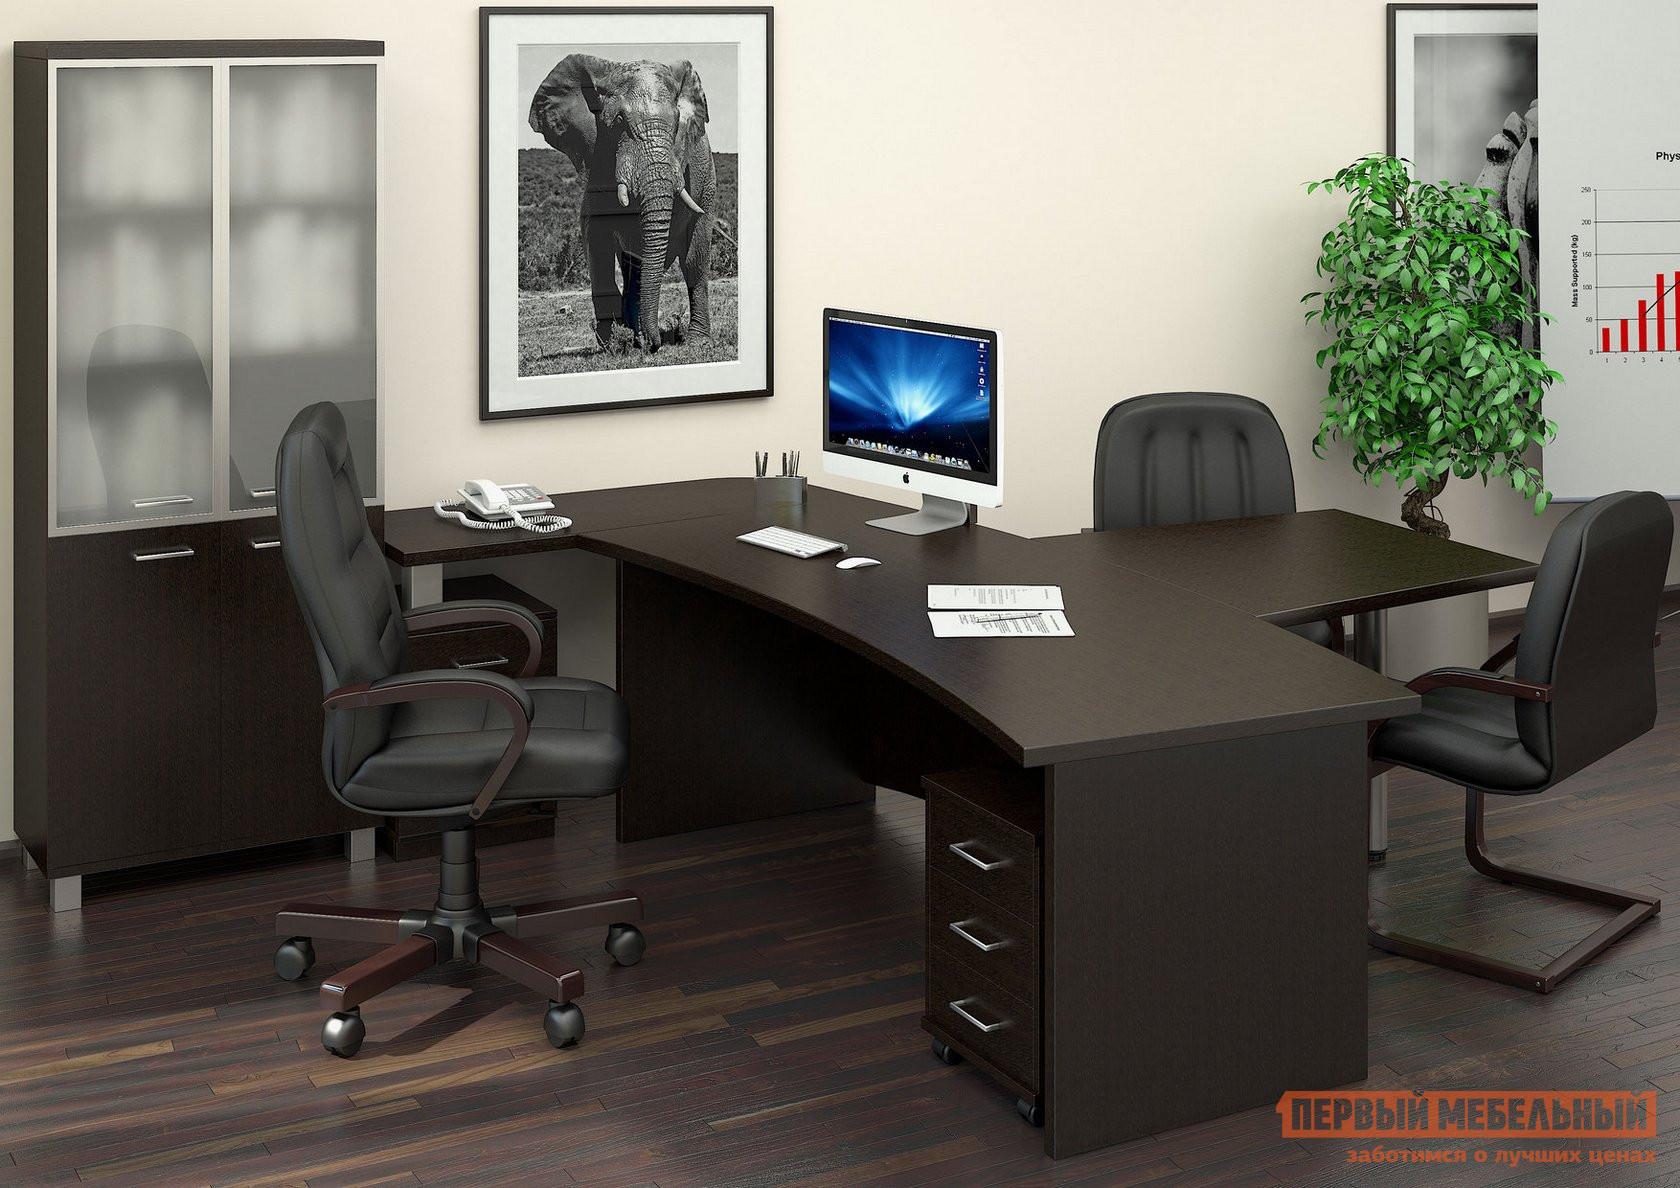 Комплект офисной мебели Riva Фёст Венге К1 спальный гарнитур трия саванна к1